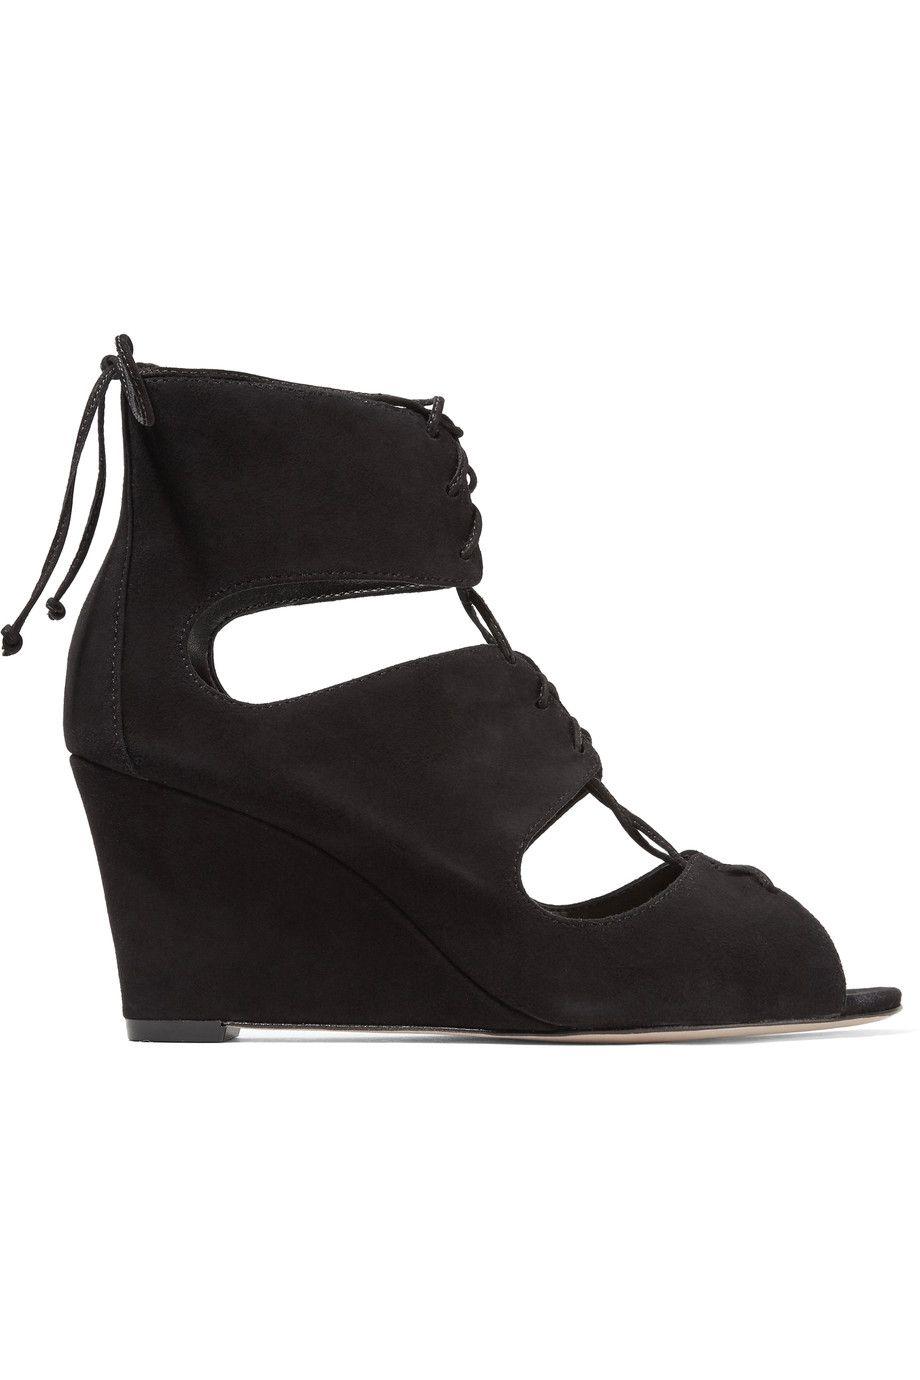 432f98bc6 SCHUTZ Adisa Lace-Up Cutout Suede Wedge Sandals. #schutz #shoes #sandals